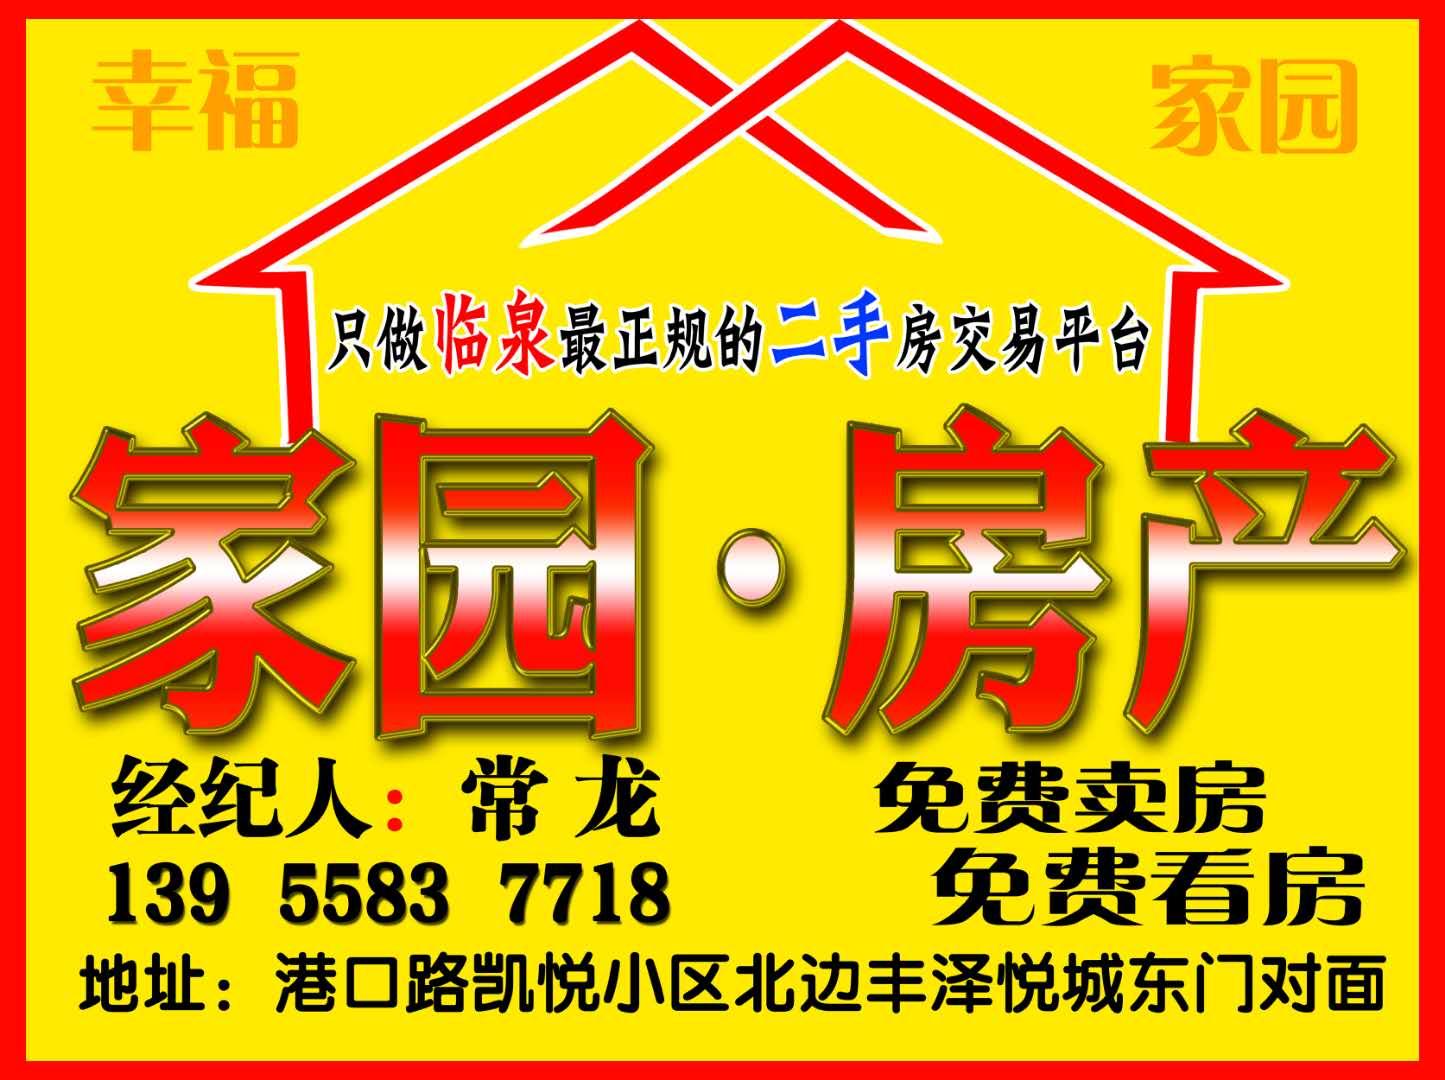 肖洼新村4楼2室2厅1卫26万元